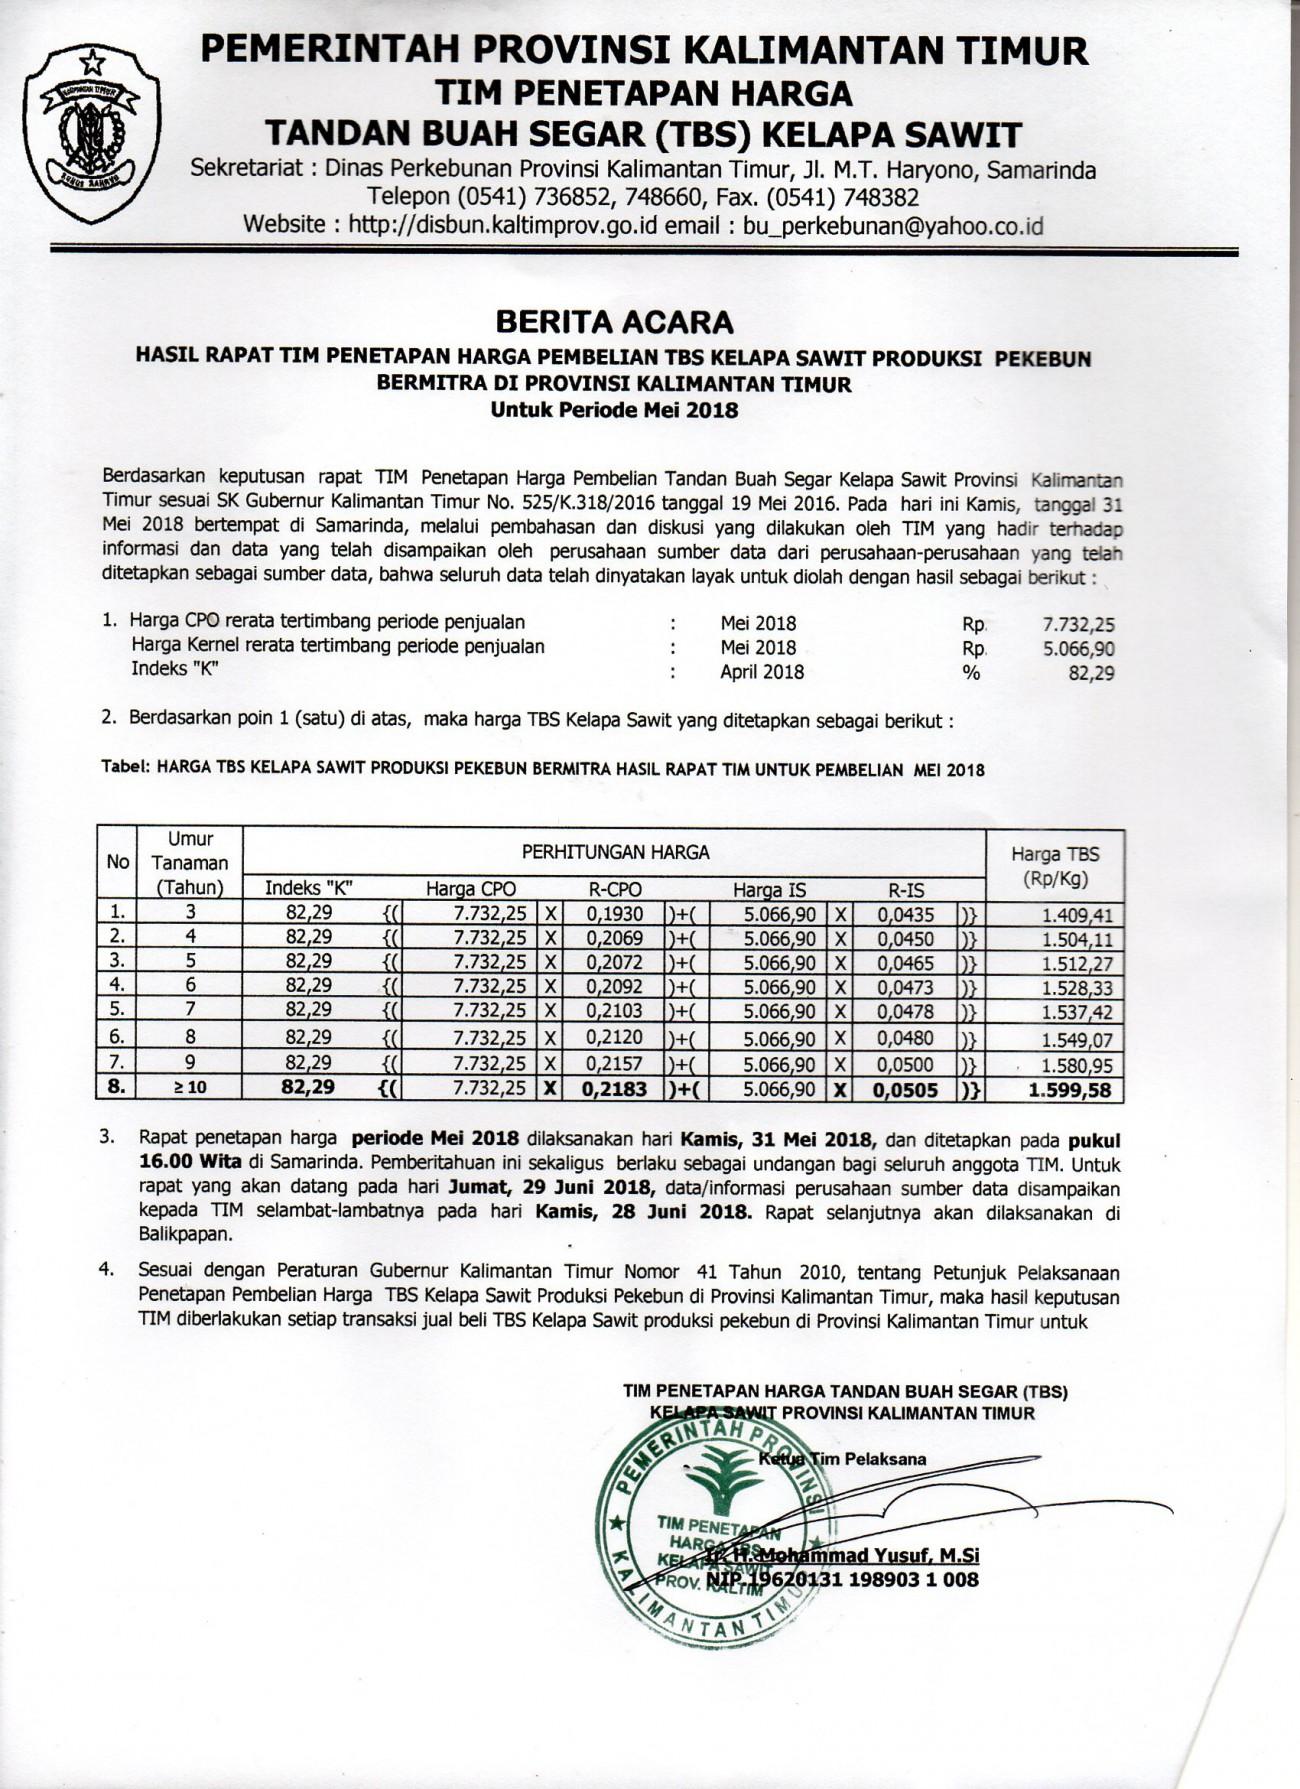 Informasi Harga TBS Kelapa Sawit Bulan Mei 2018